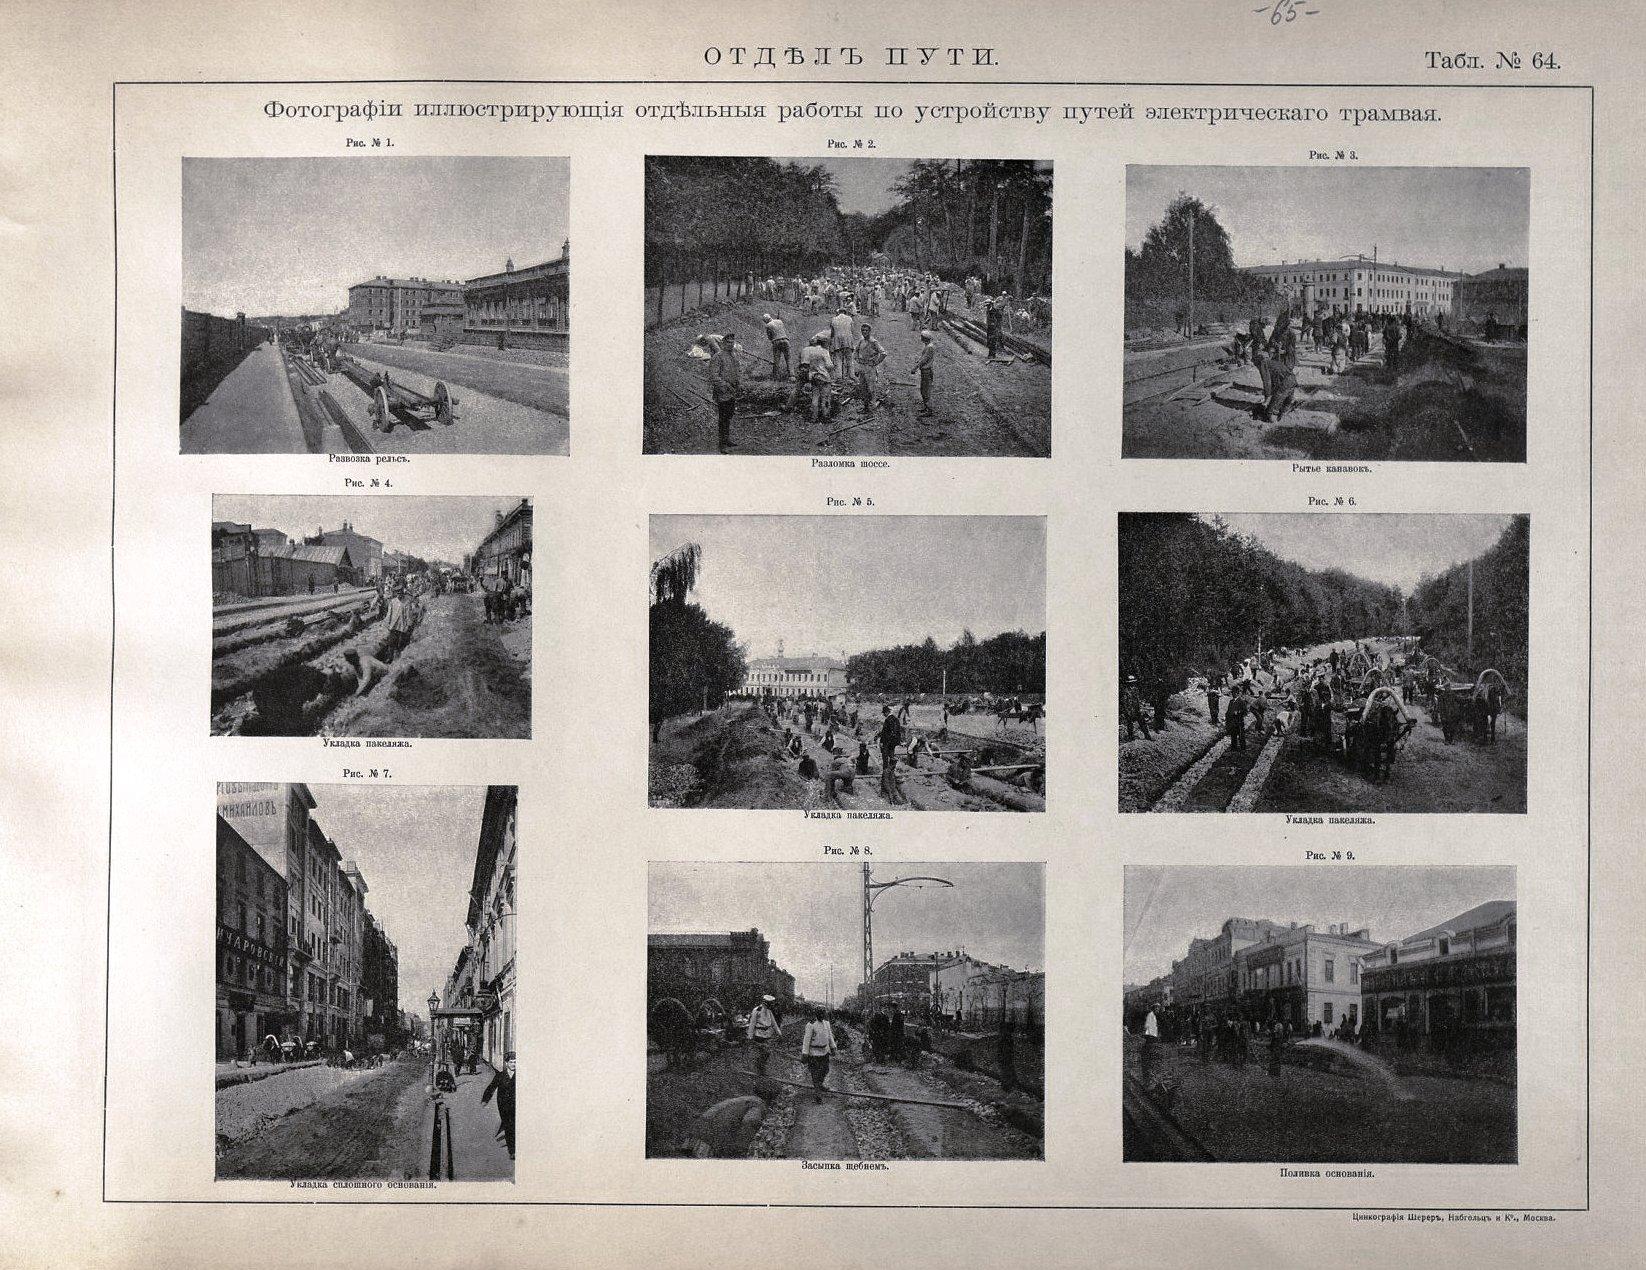 65. Фотографии, иллюстрирующие отдельные работы по устройству путей электрического трамвая